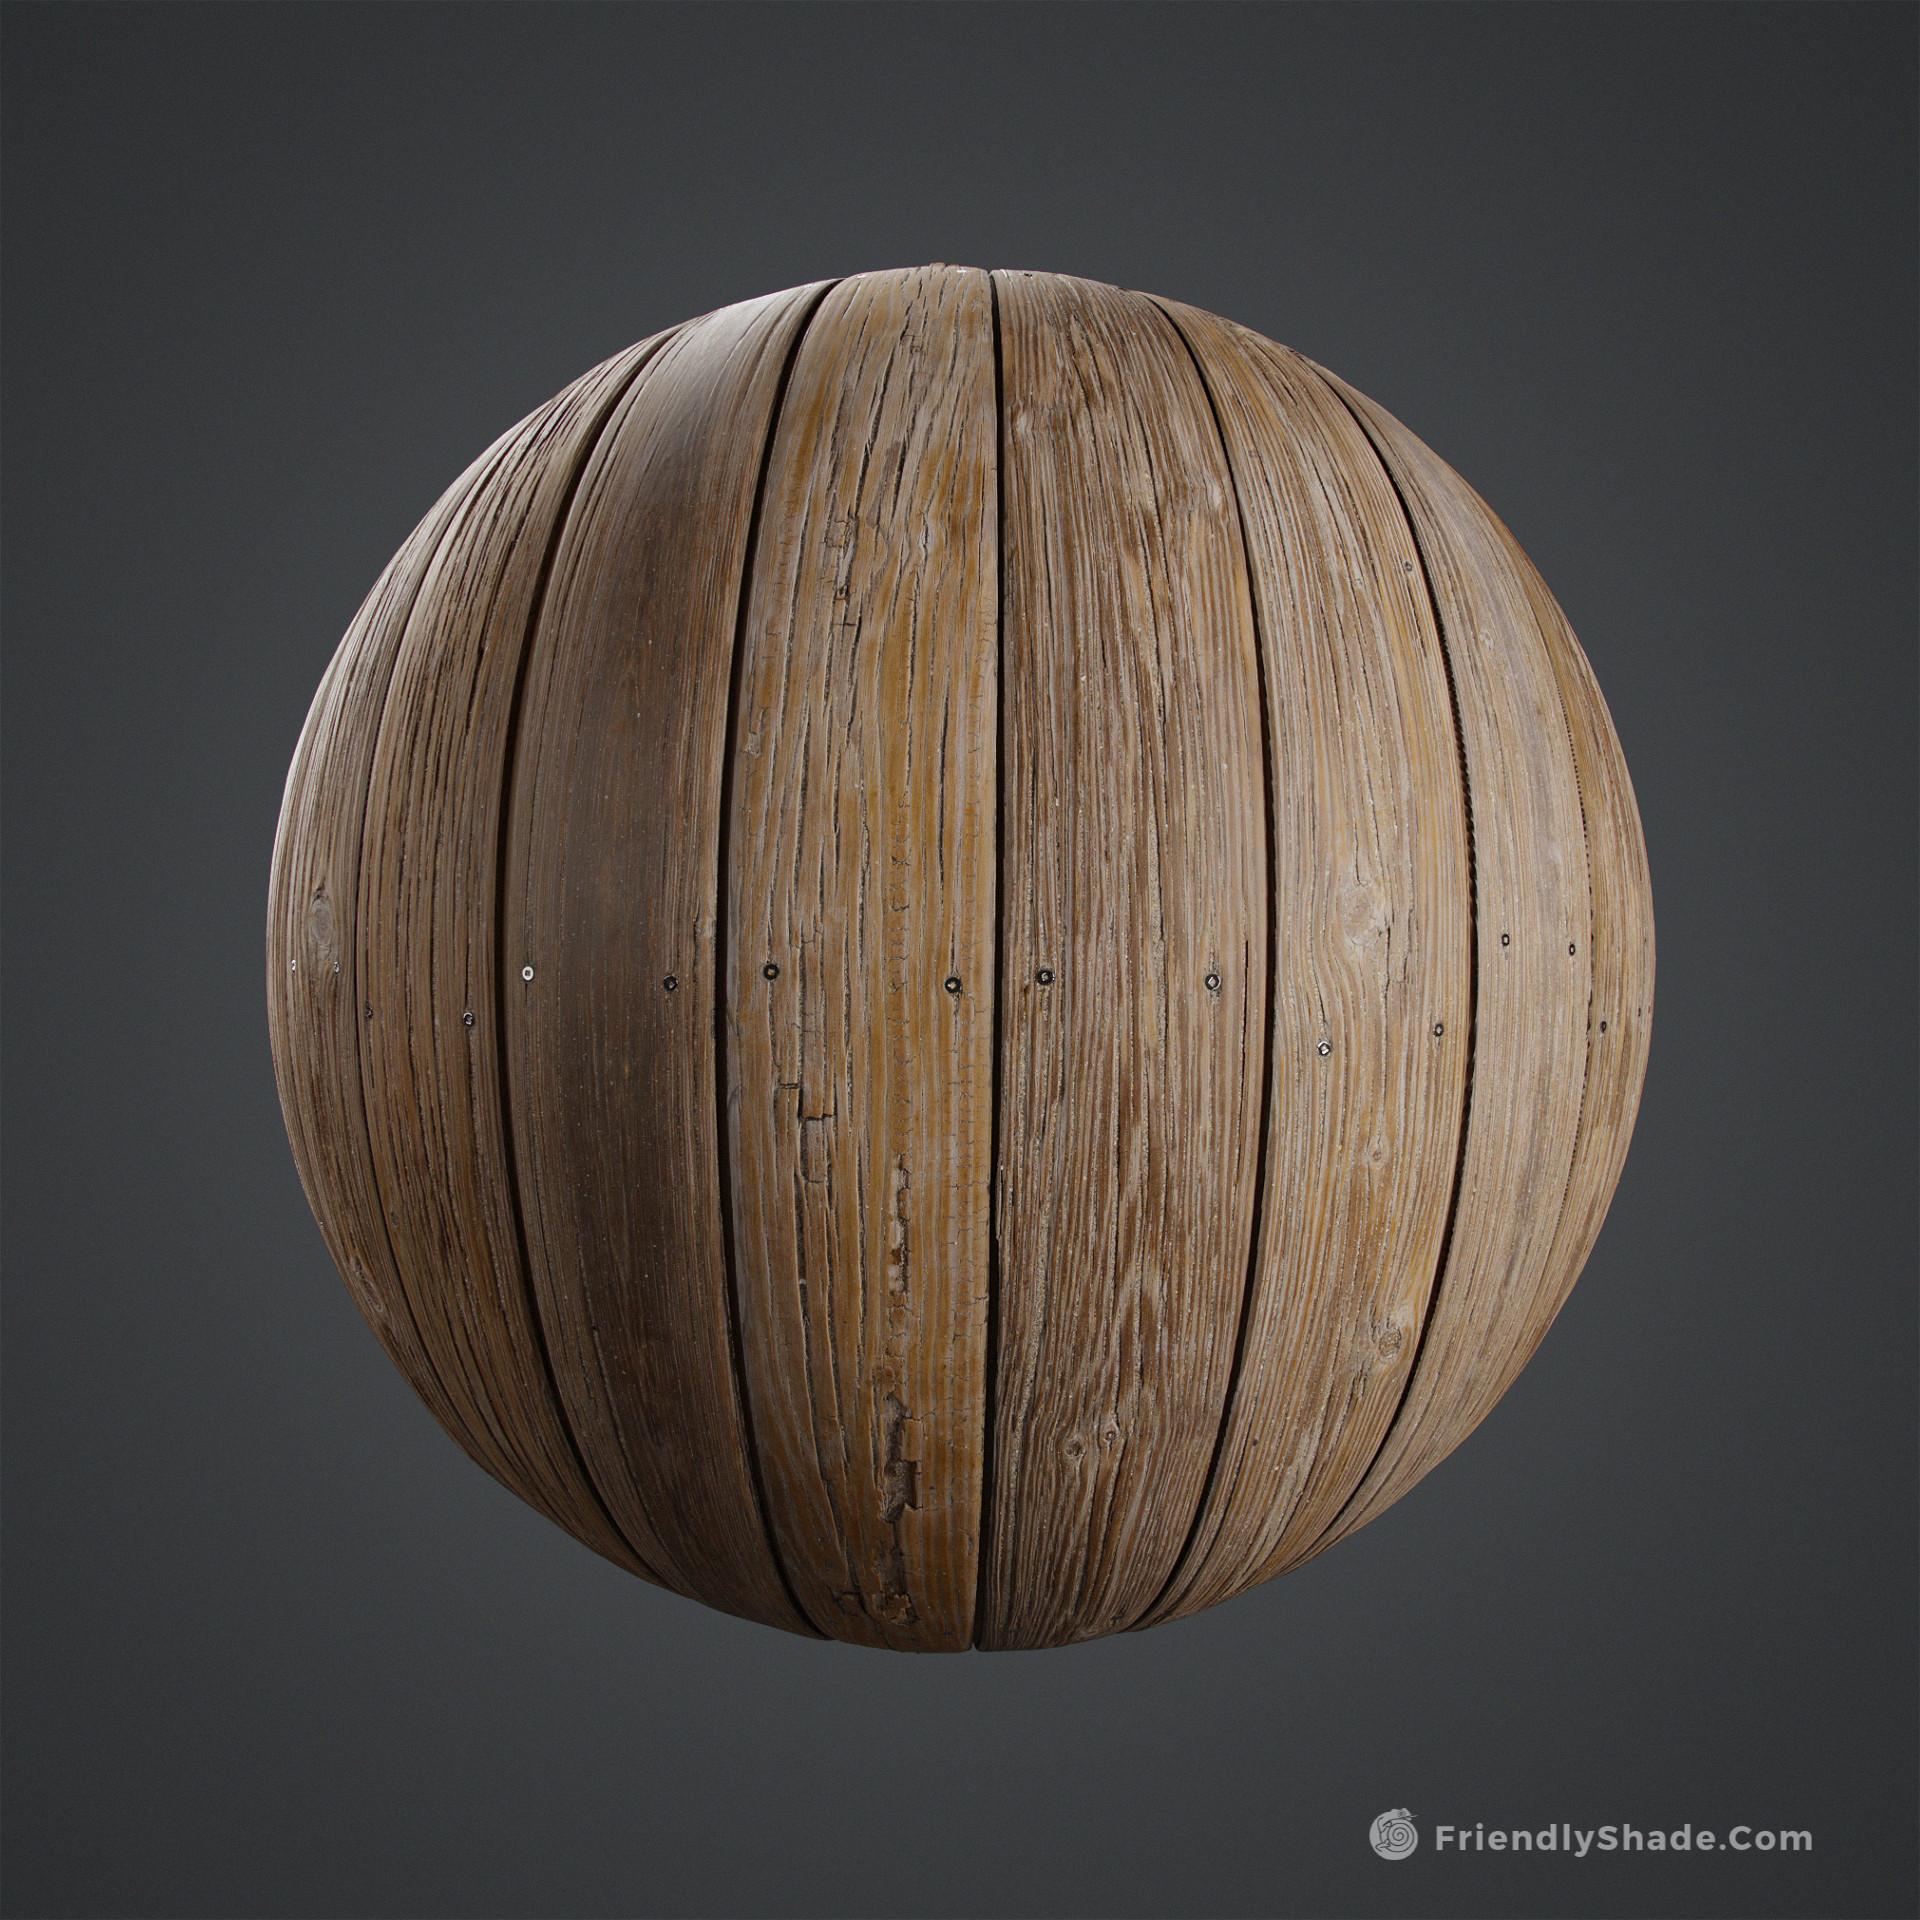 https://cdna.artstation.com/p/assets/images/images/007/843/324/large/sebastian-zapata-sphere-post.jpg?1508870858